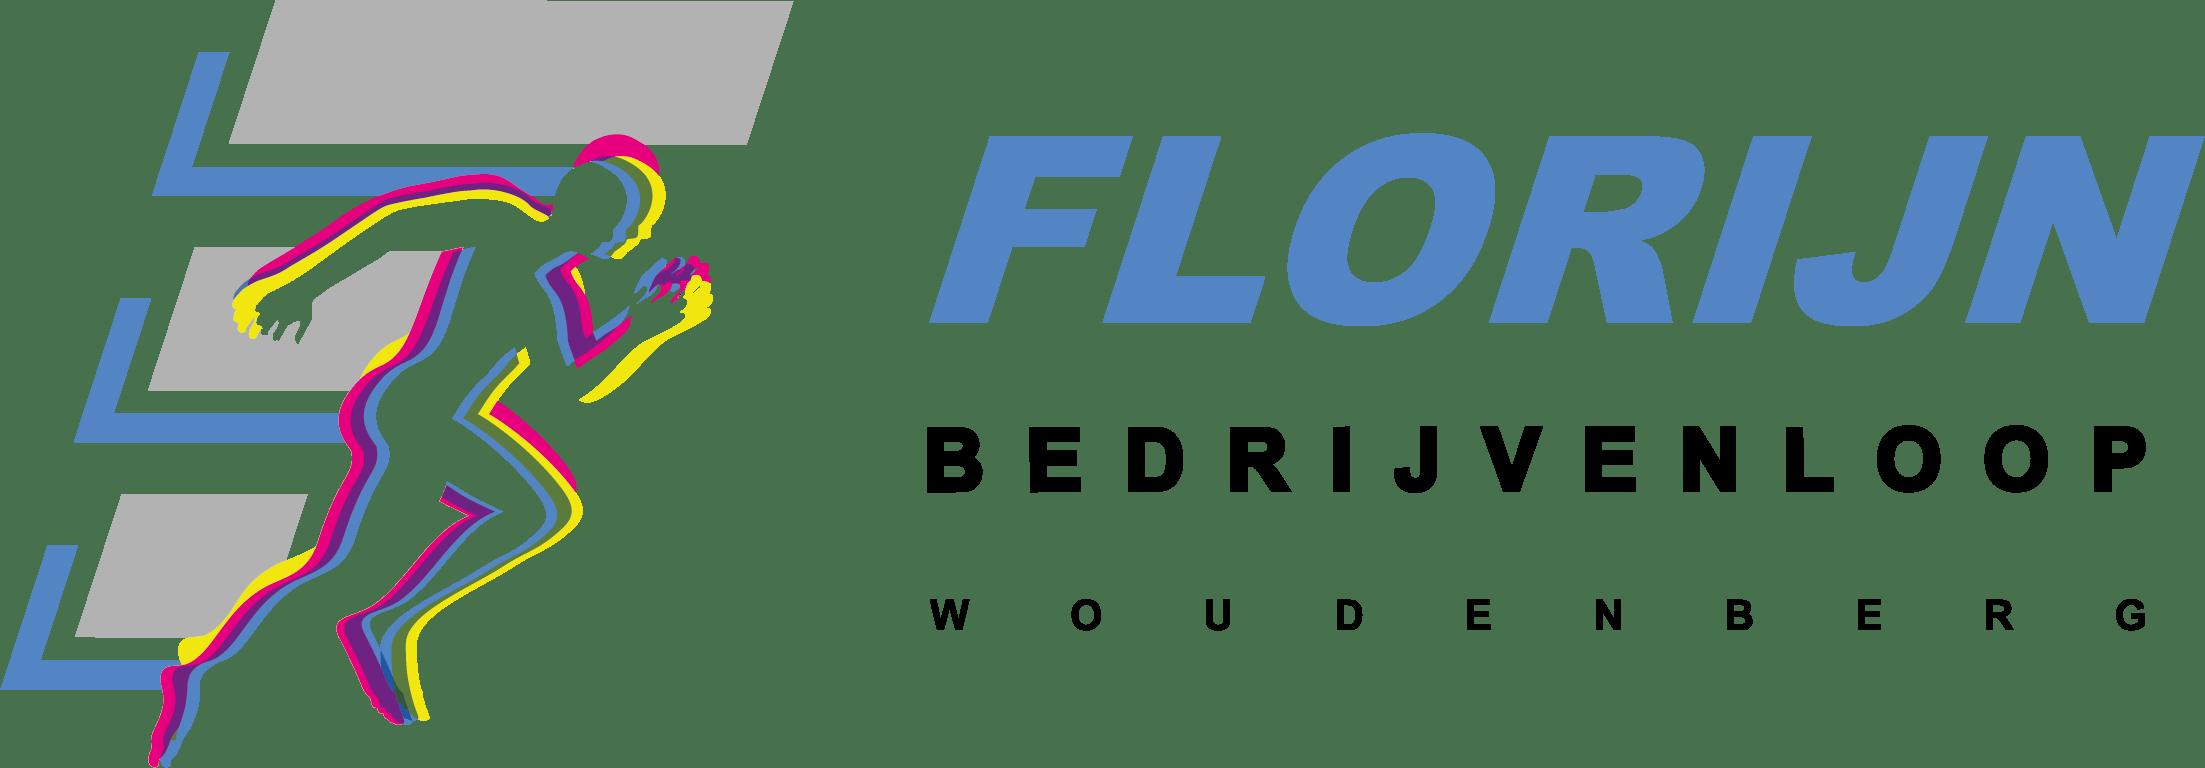 Het logo van de Florijn Bedrijvenloop.